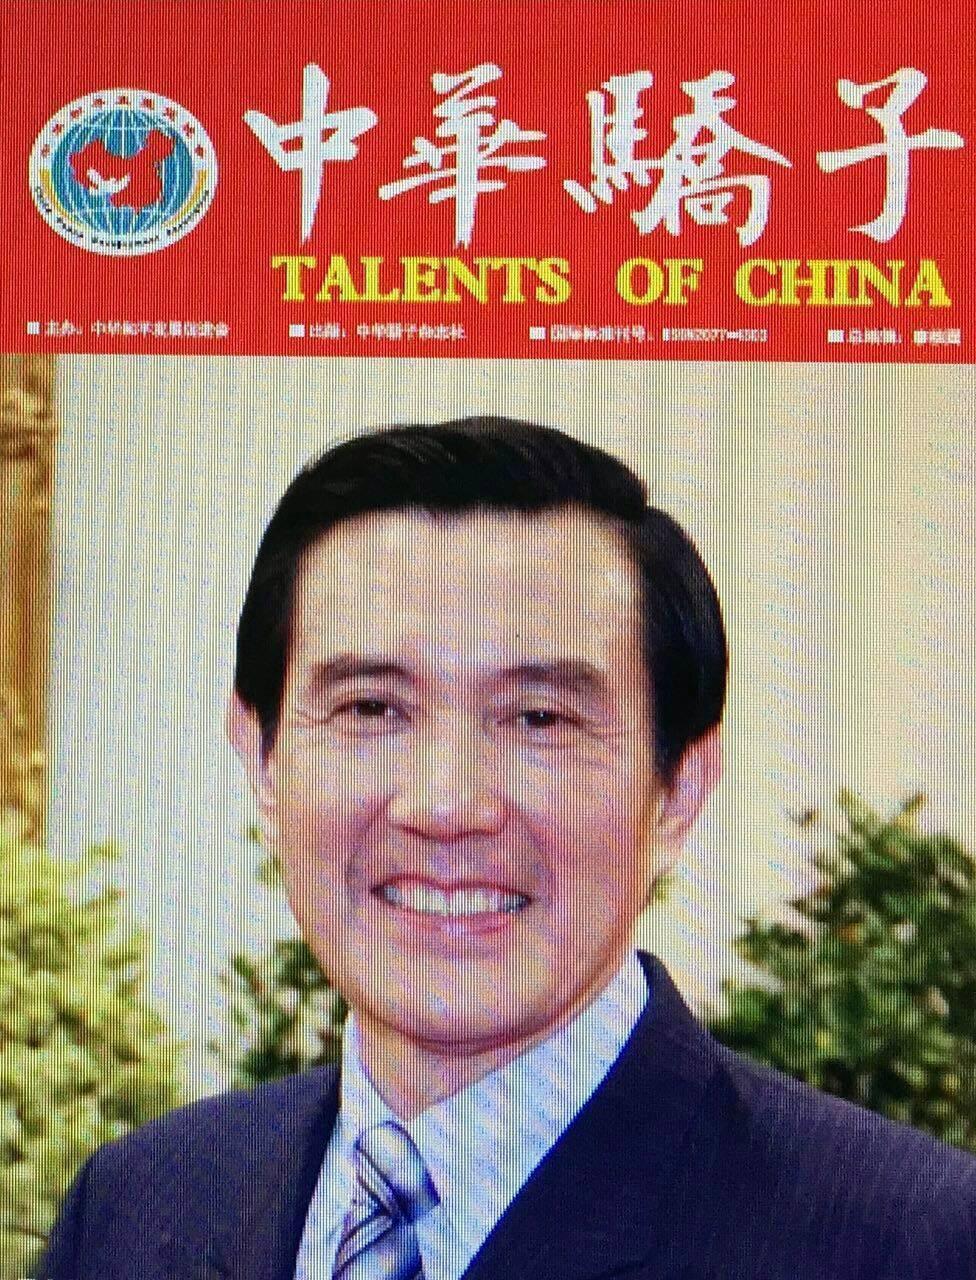 《中華驕子》雜誌社社長廖根固專訪臺灣地區領導人馬英九